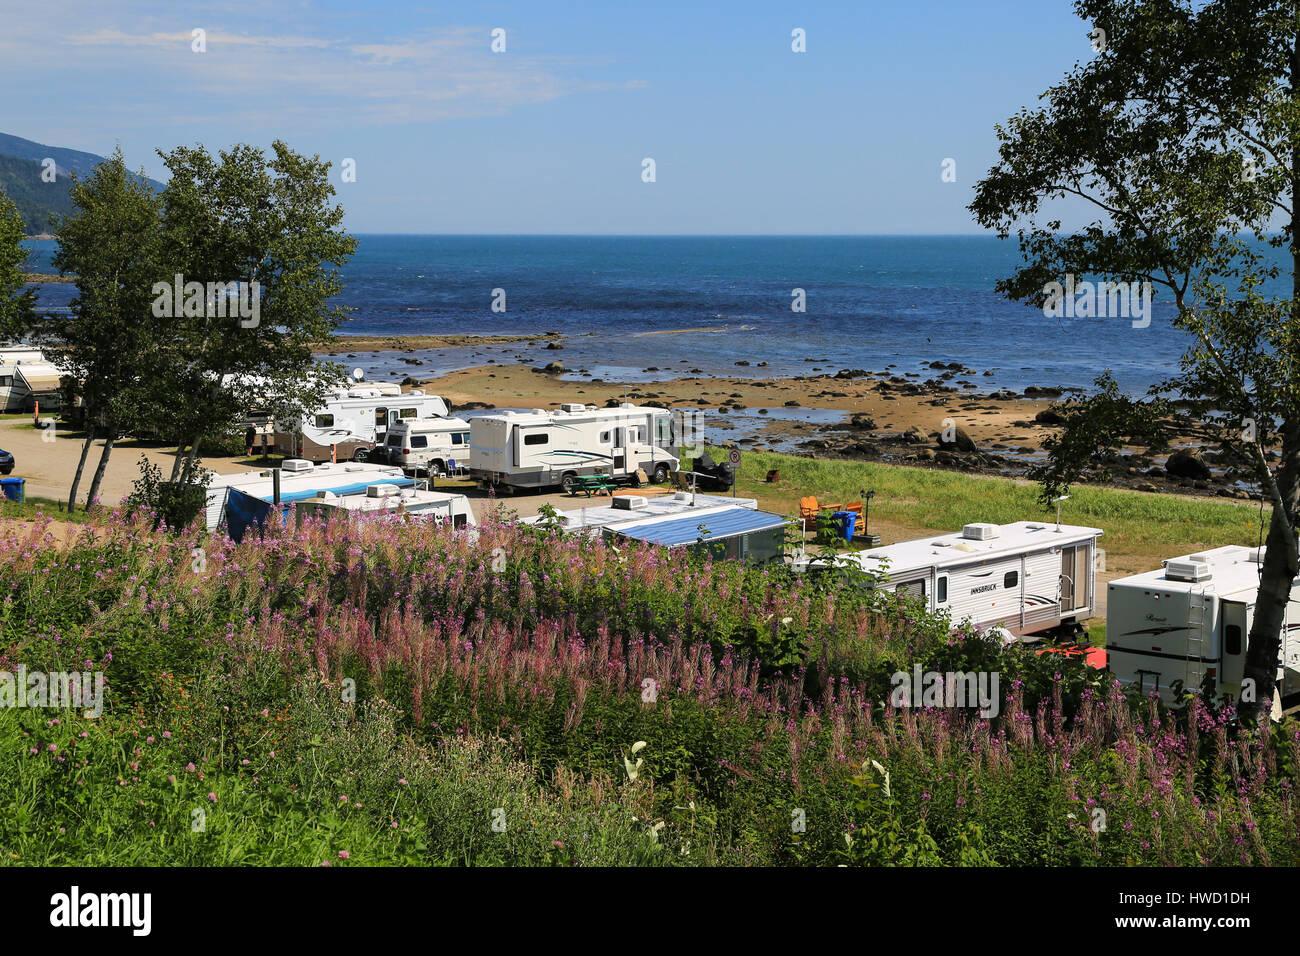 Camping Municipale de St-Siméon - Stock Image